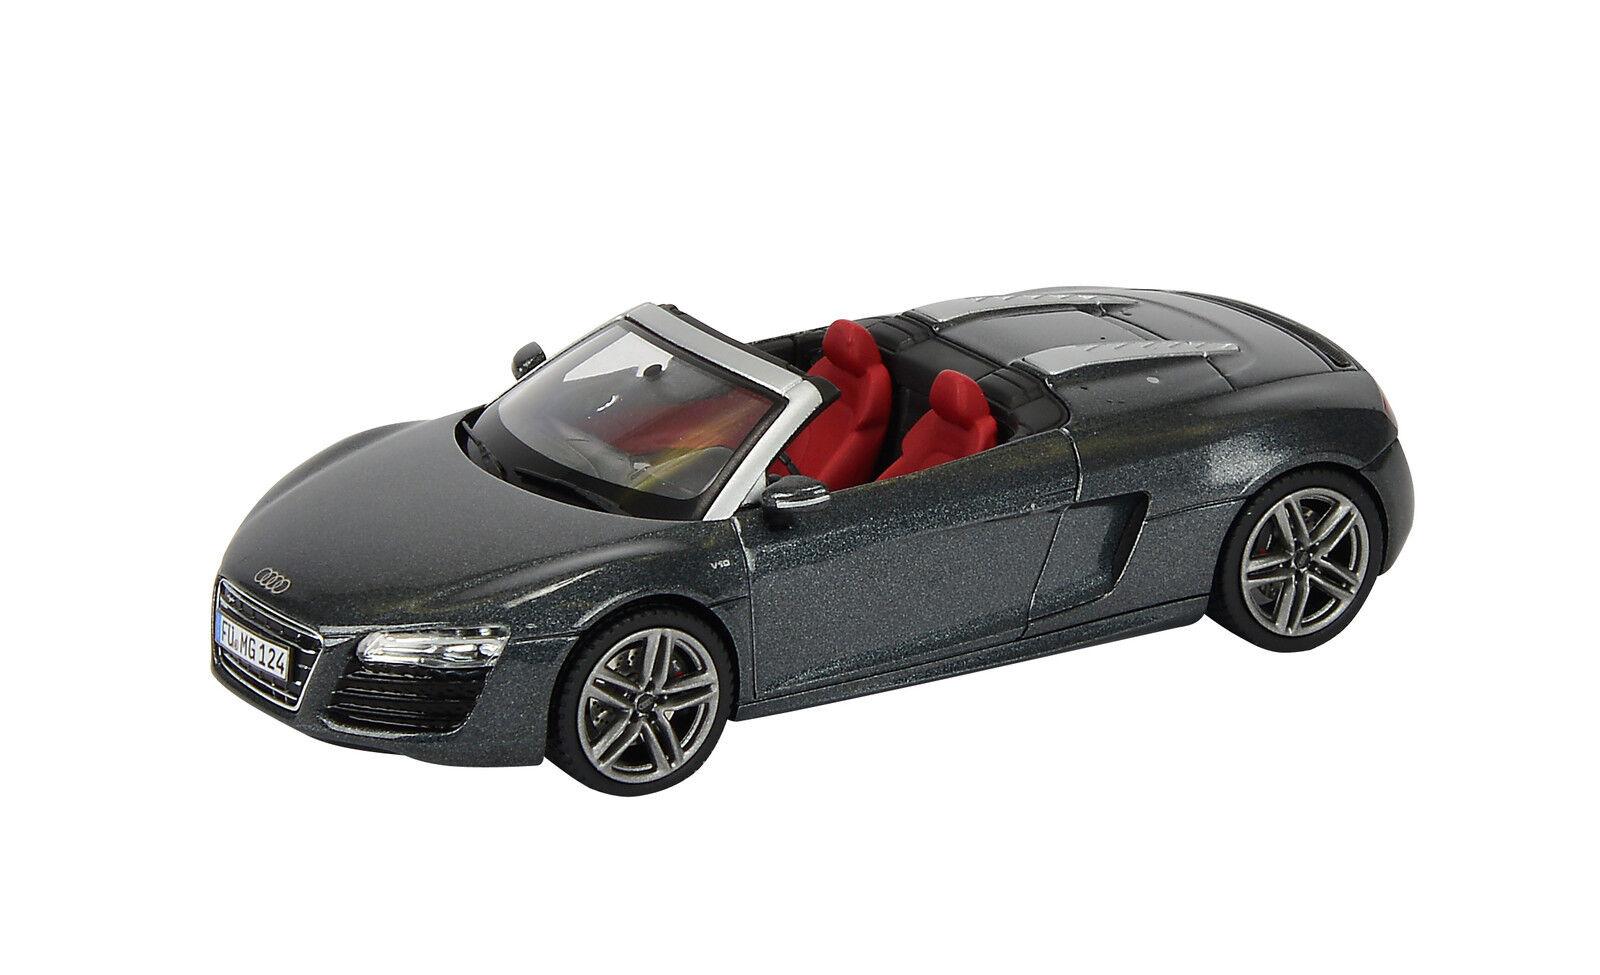 Schuco 1 43 450752300 Audi R8 Spyder 2012 grey grey grey NEU OVP 3a8a31